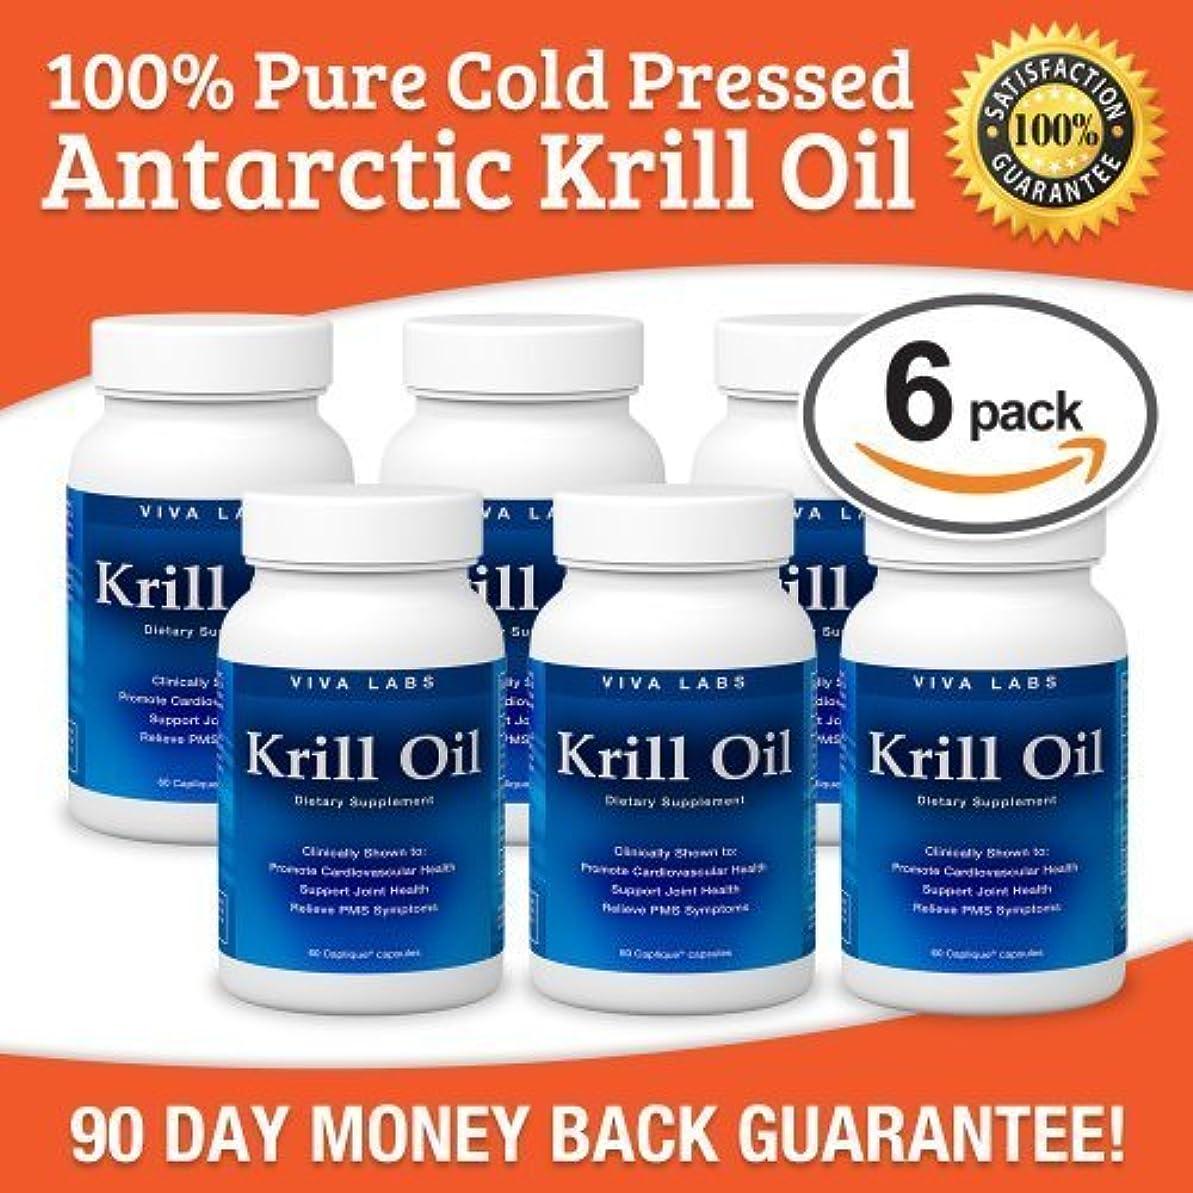 貢献忠実な頭蓋骨Everest Nutrition Krill Oil - 100% Pure Cold Pressed Antarctic Krill Oil - More Omega-3's: Highest Levels of DHA...